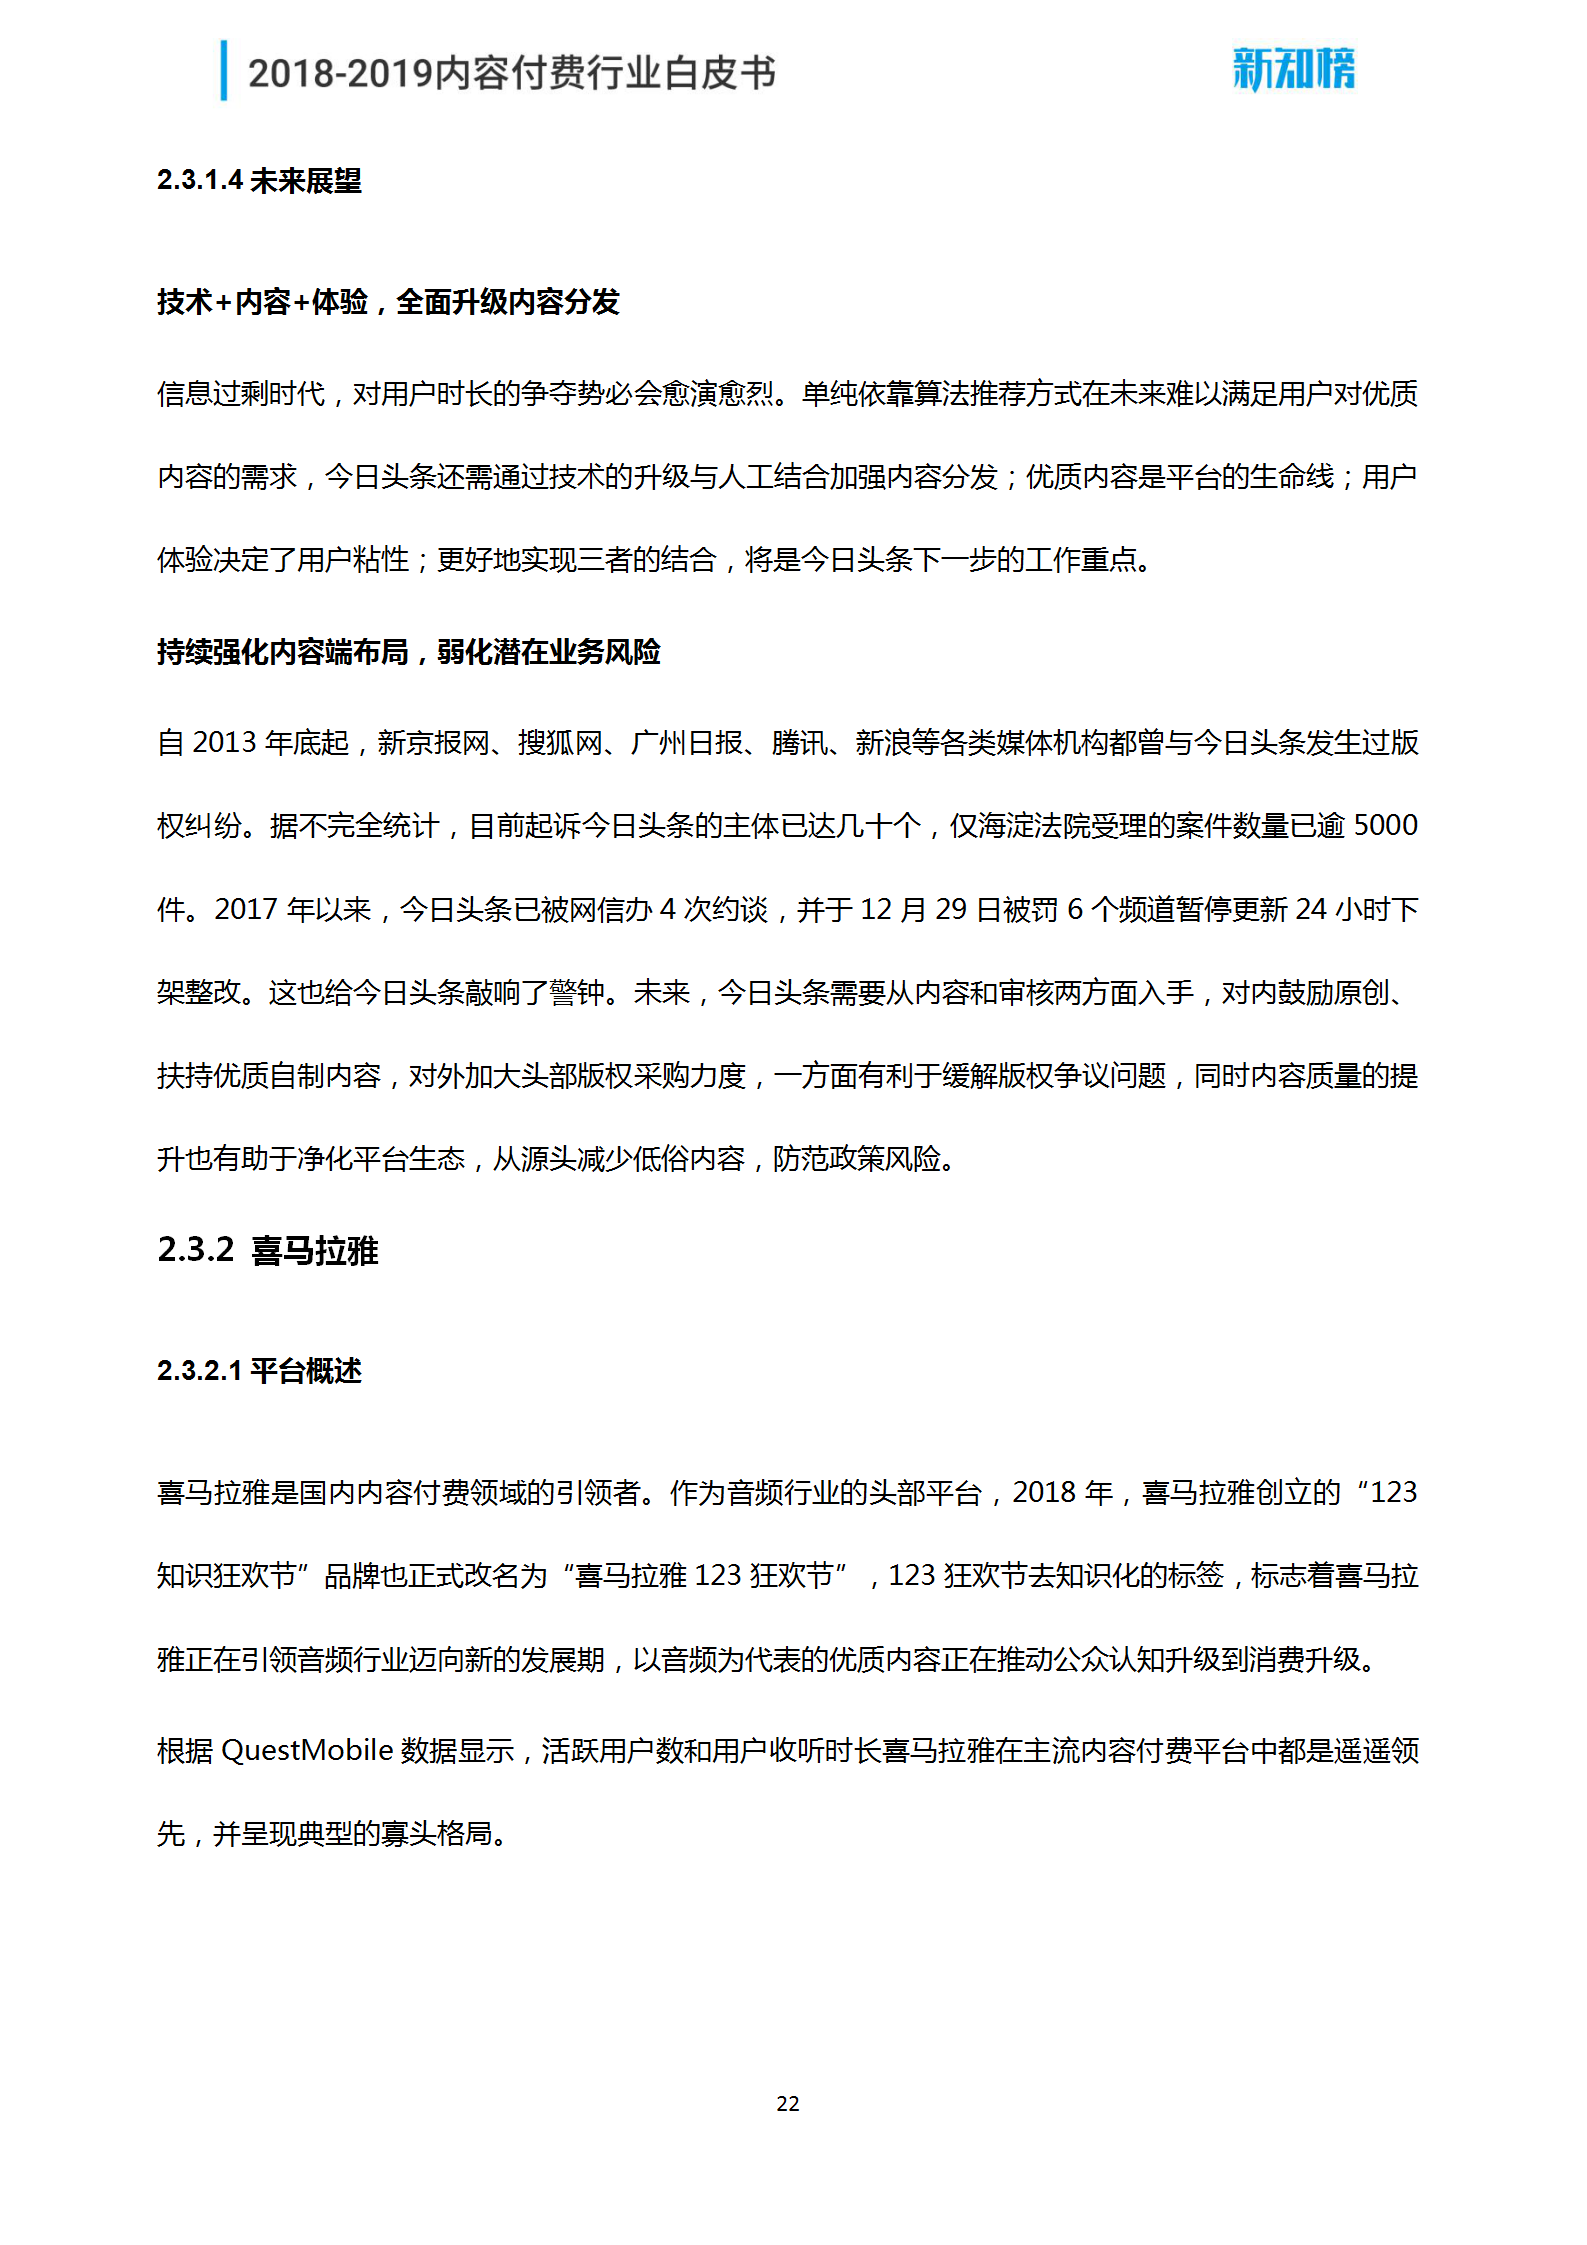 新知榜2018-2019内容付费行业白皮书_22.png